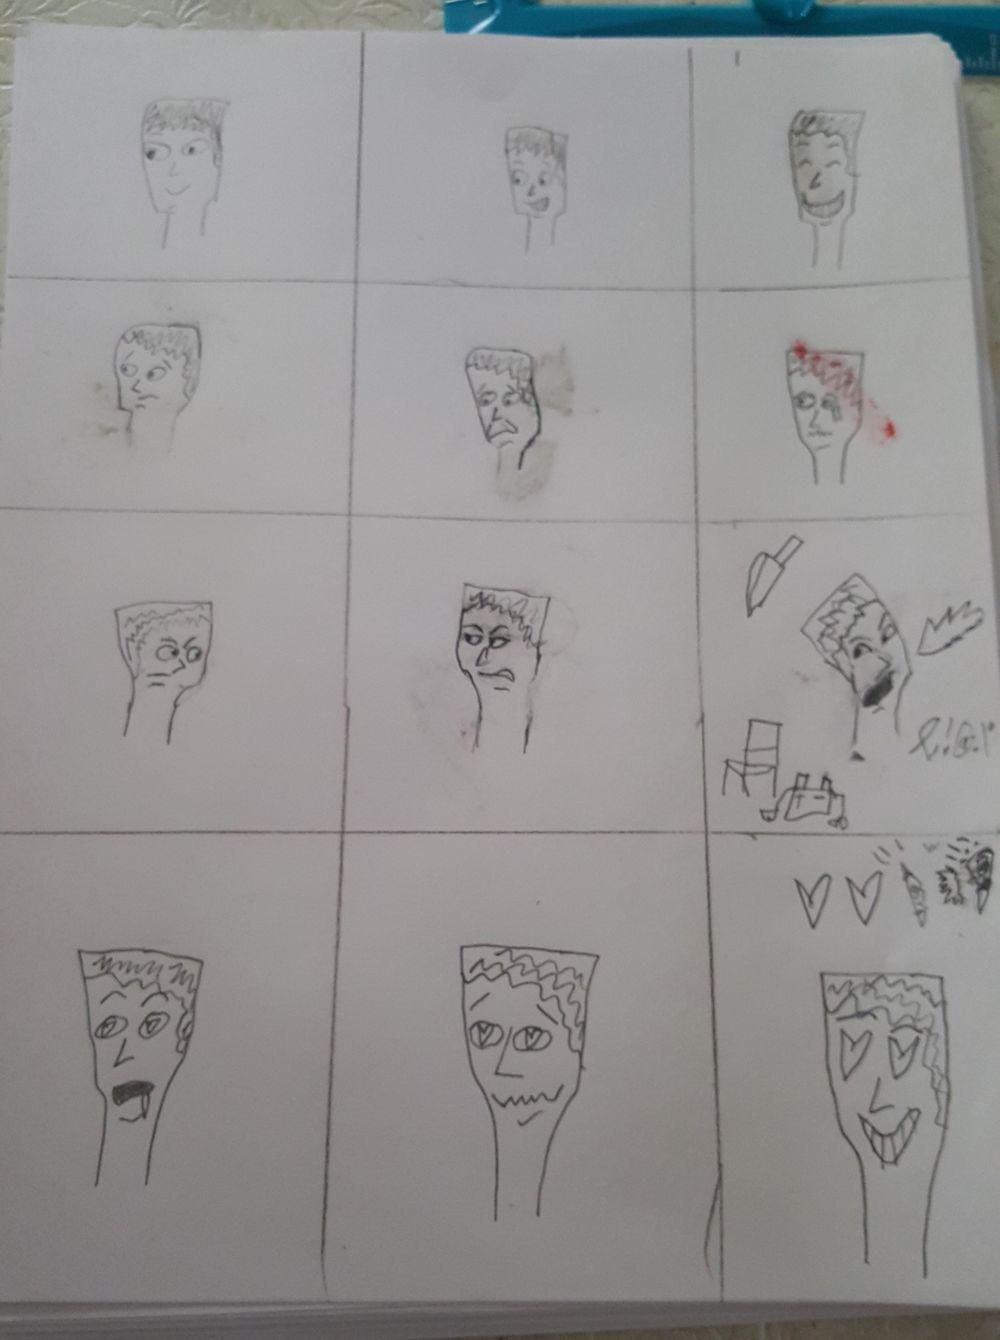 Emotional amateur - image 1 - student project